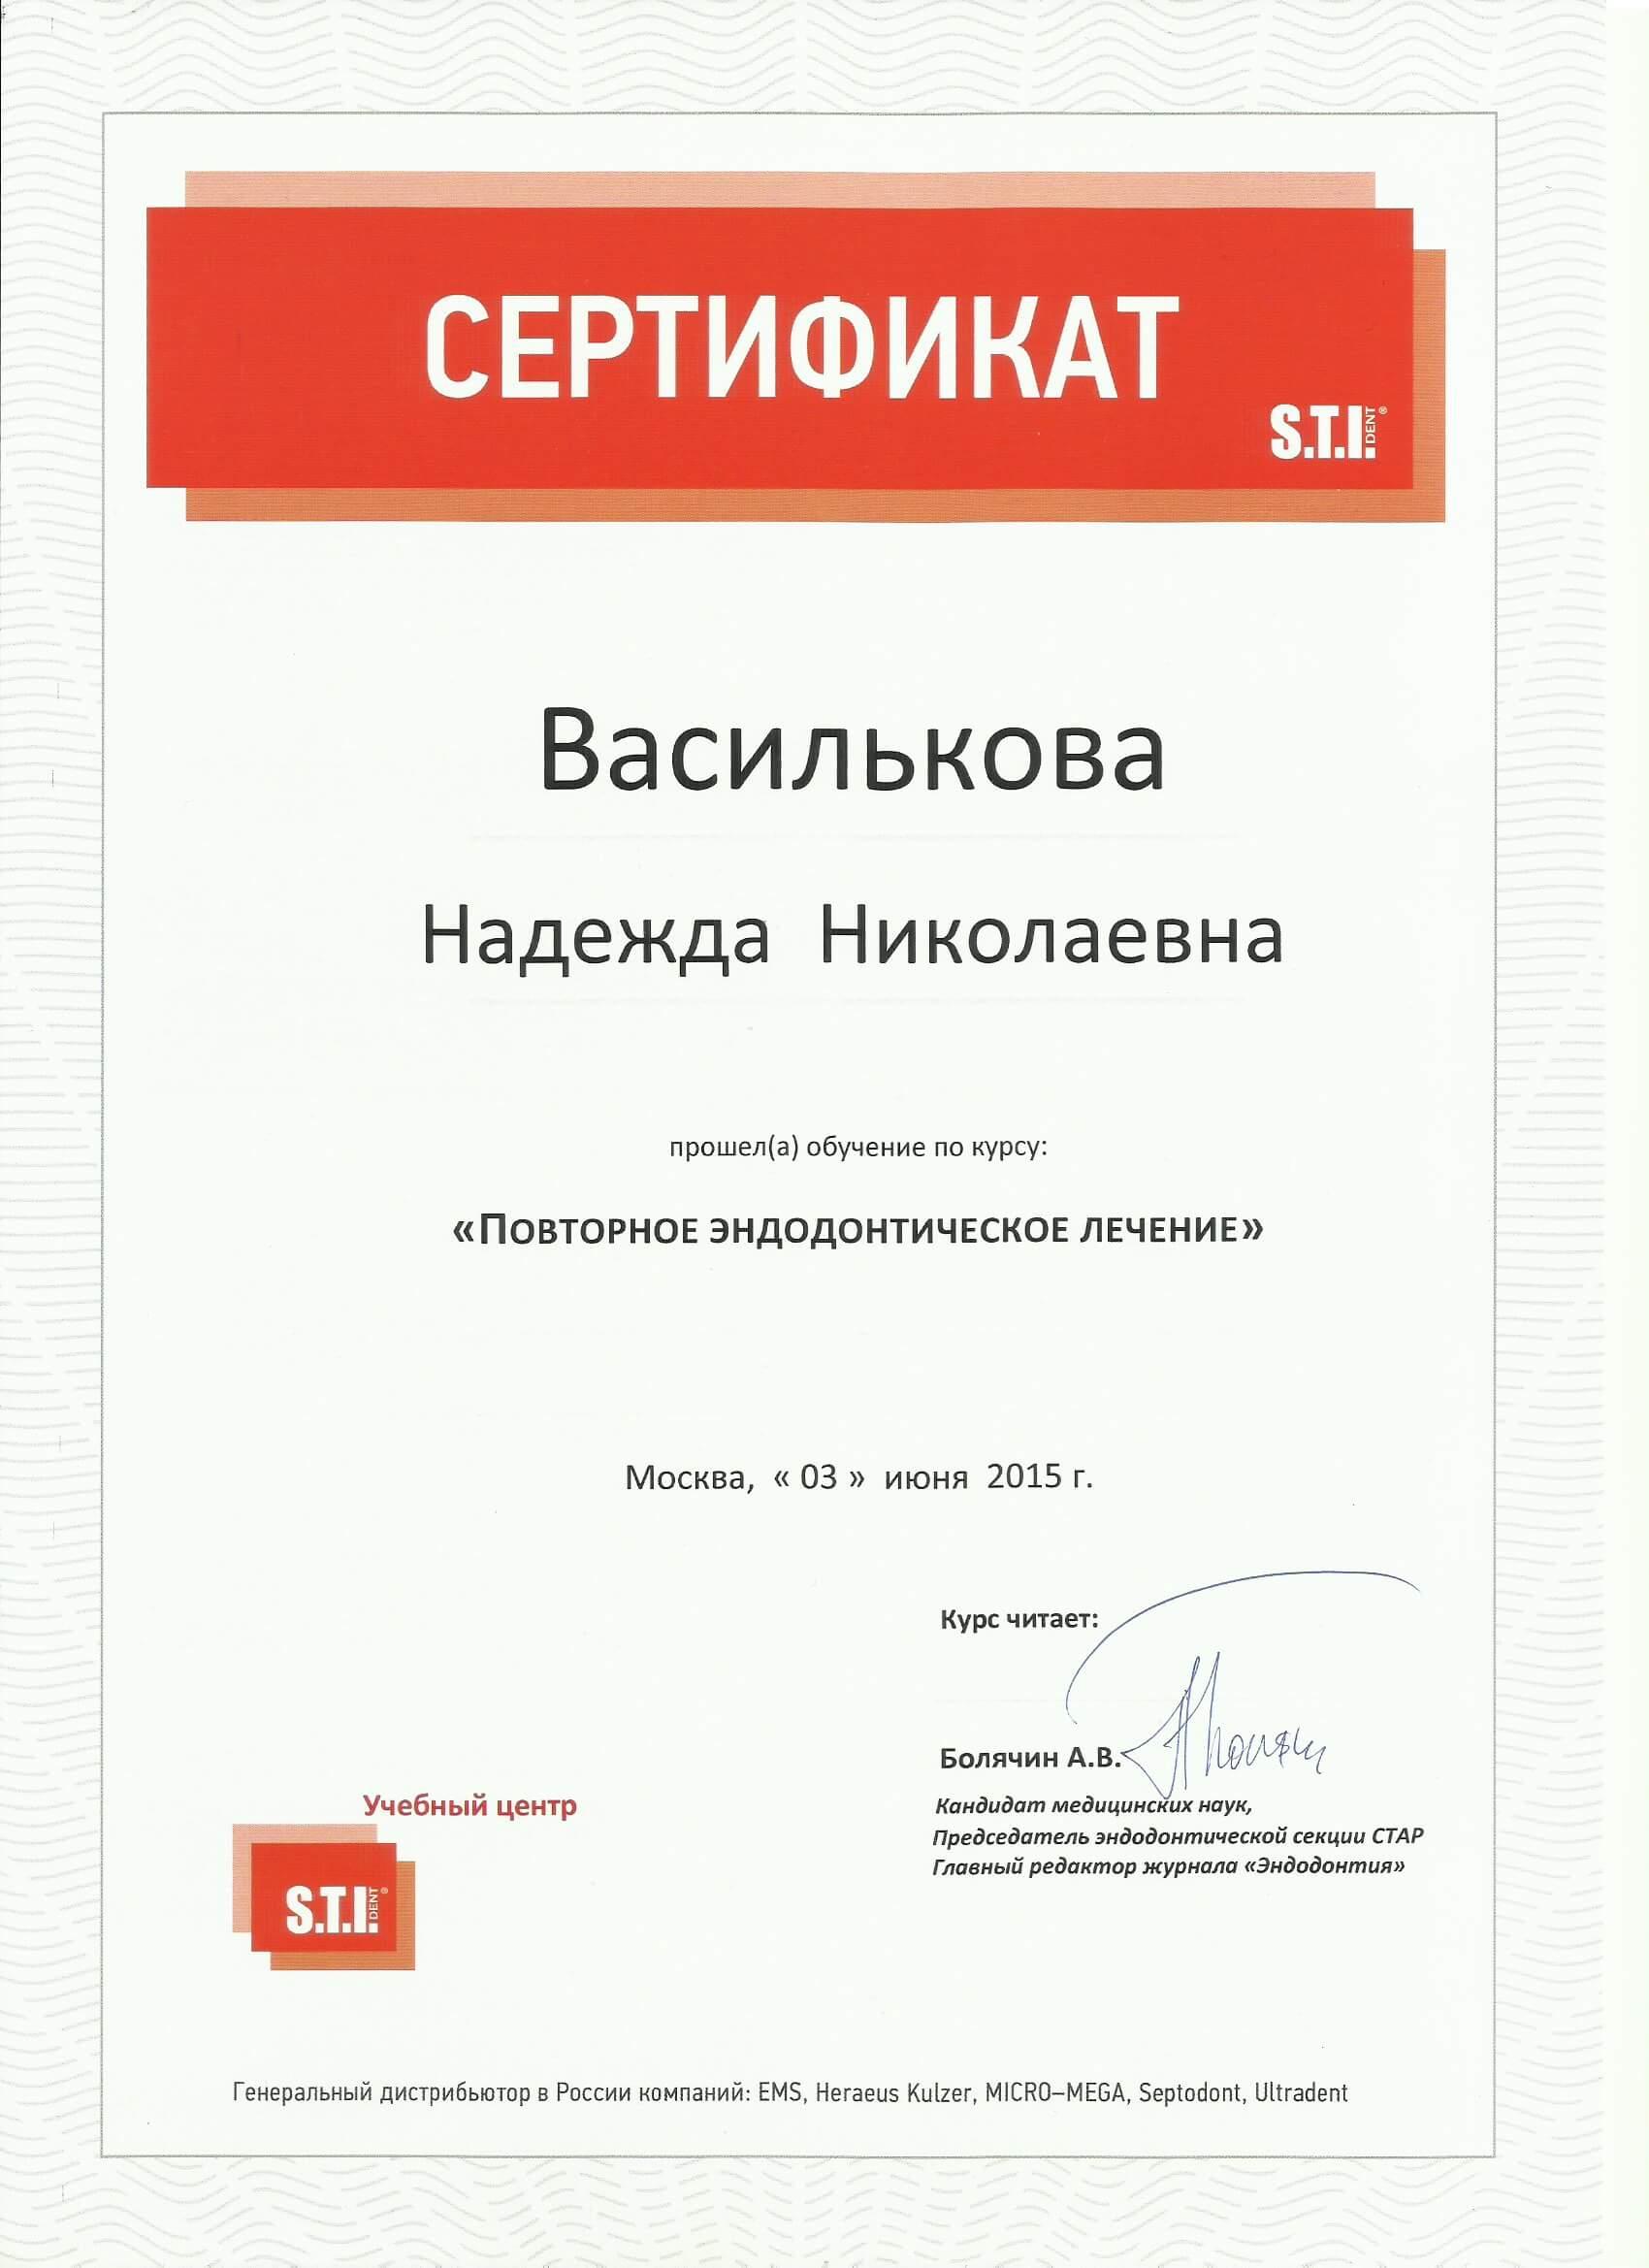 Сертификат от 03.06.2015